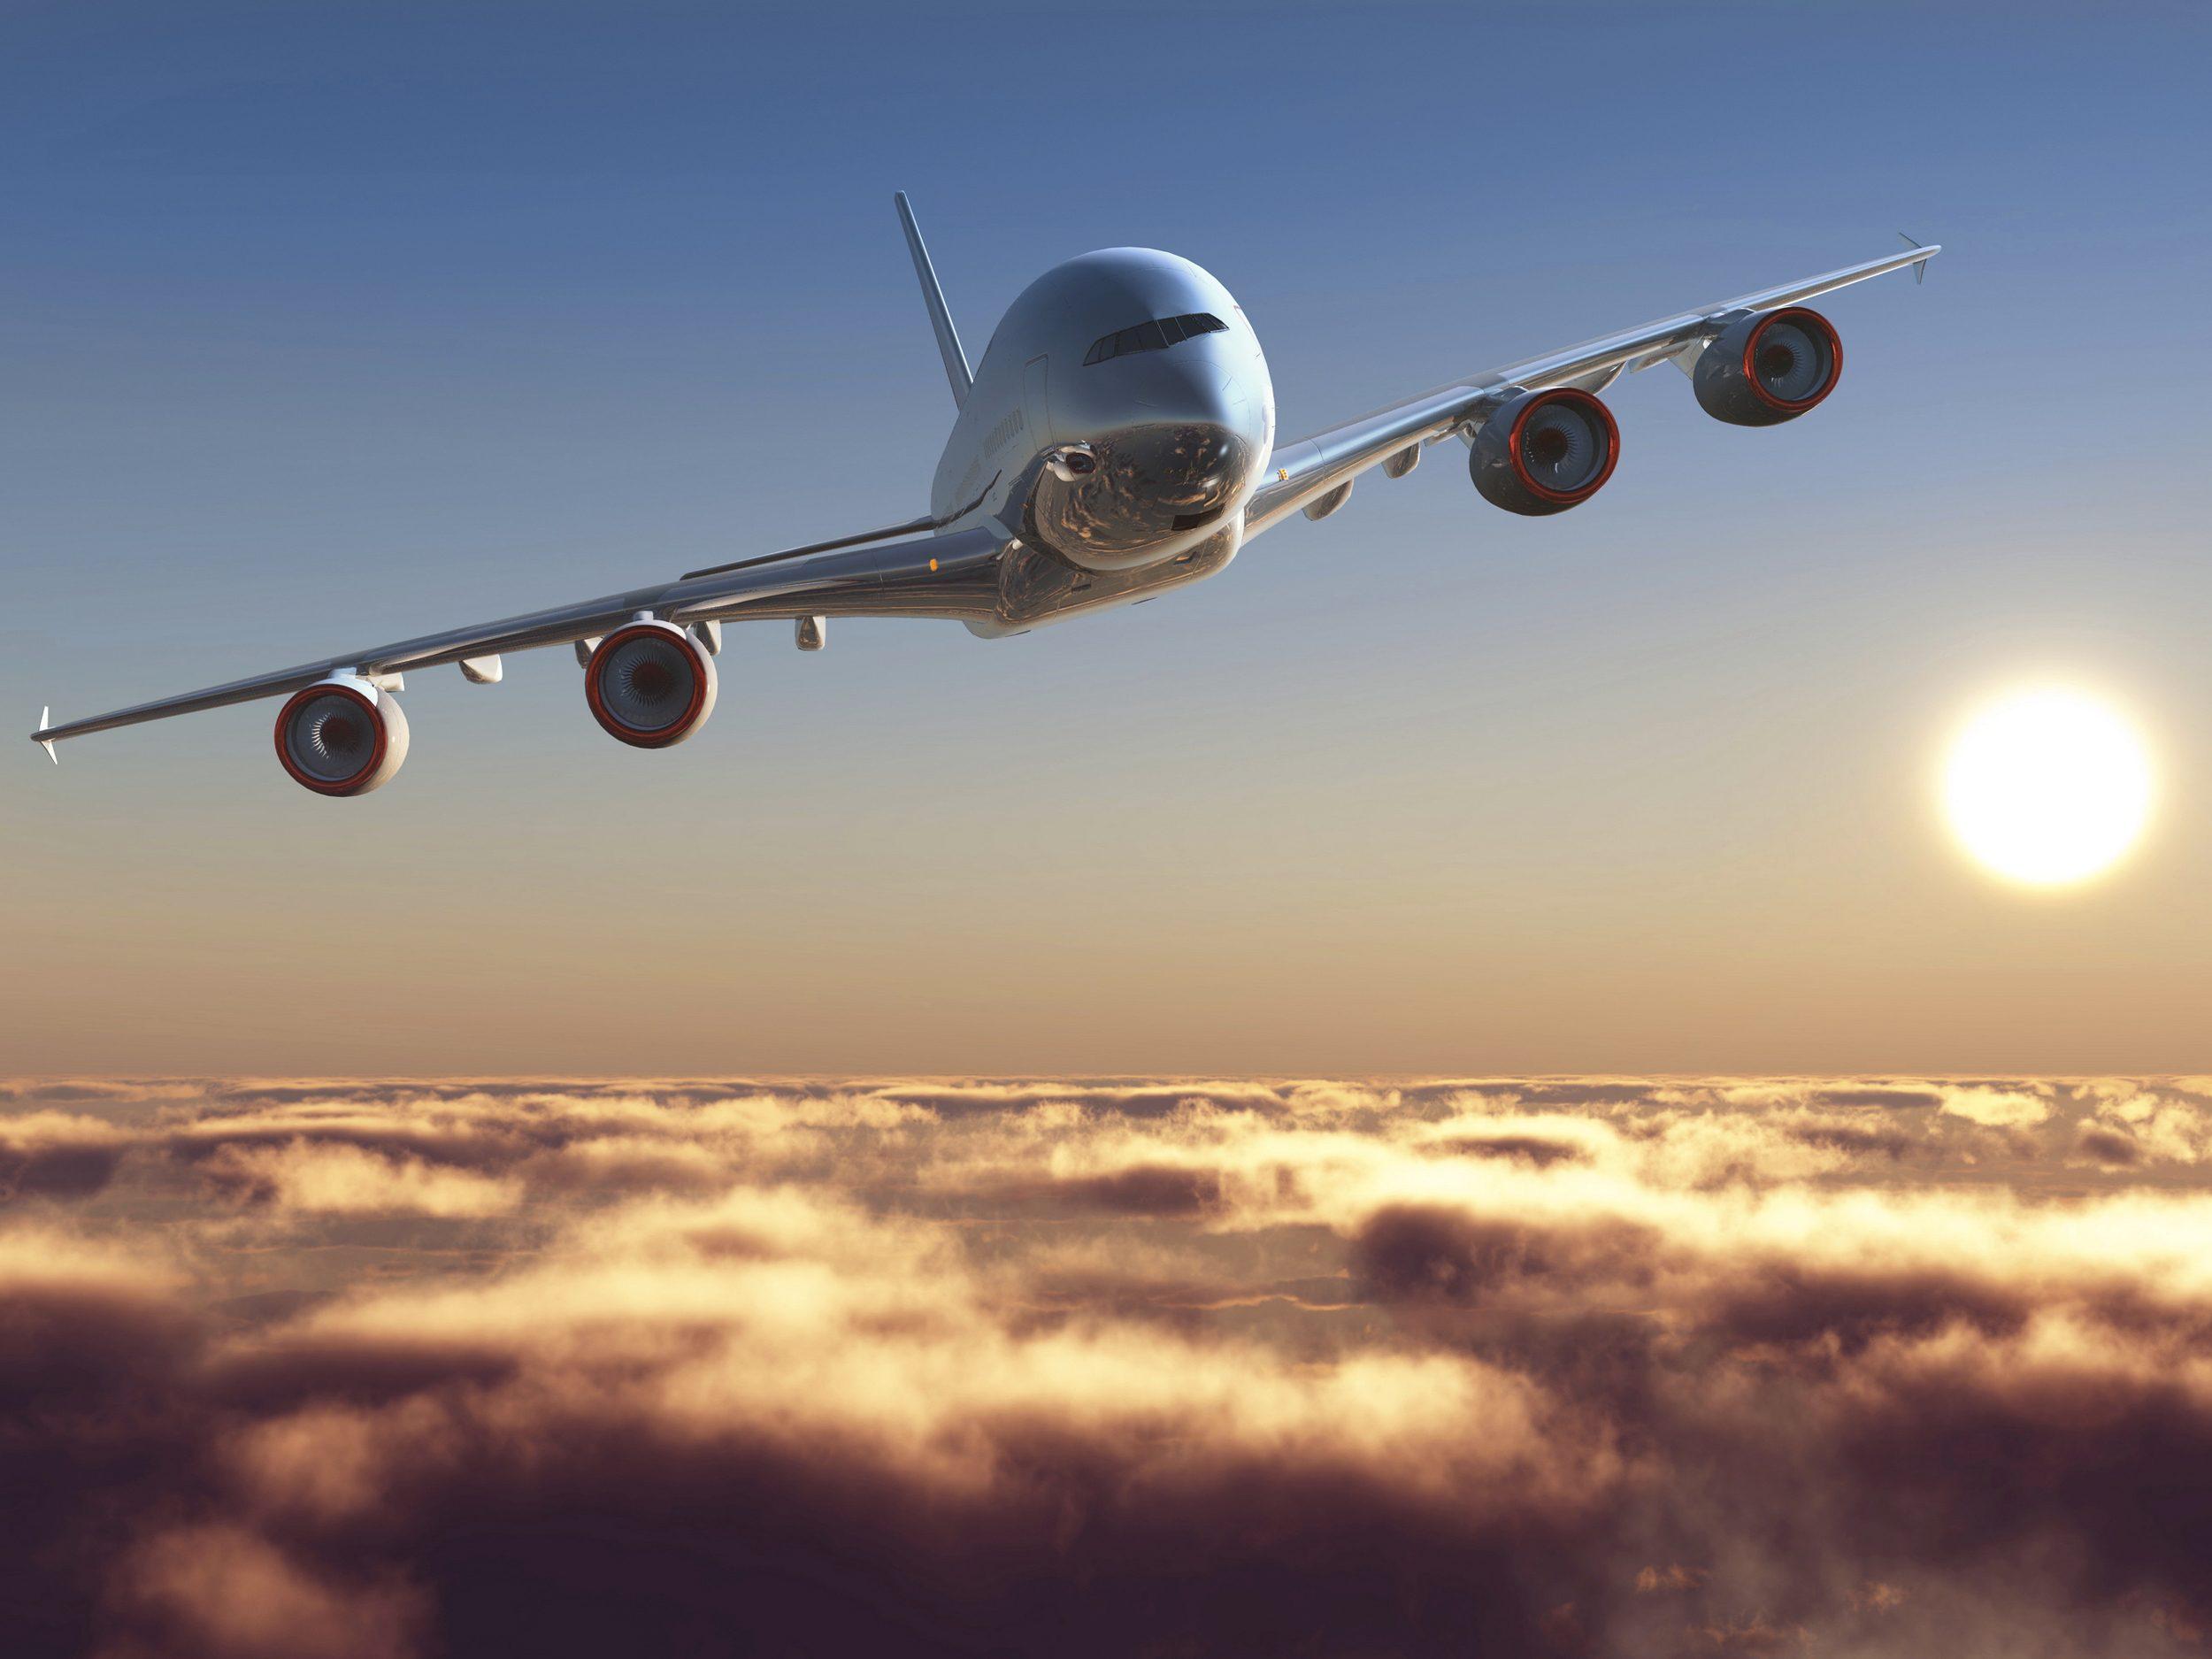 Pour combattre sa phobie de l'avion, d'abord admettre sa crainte